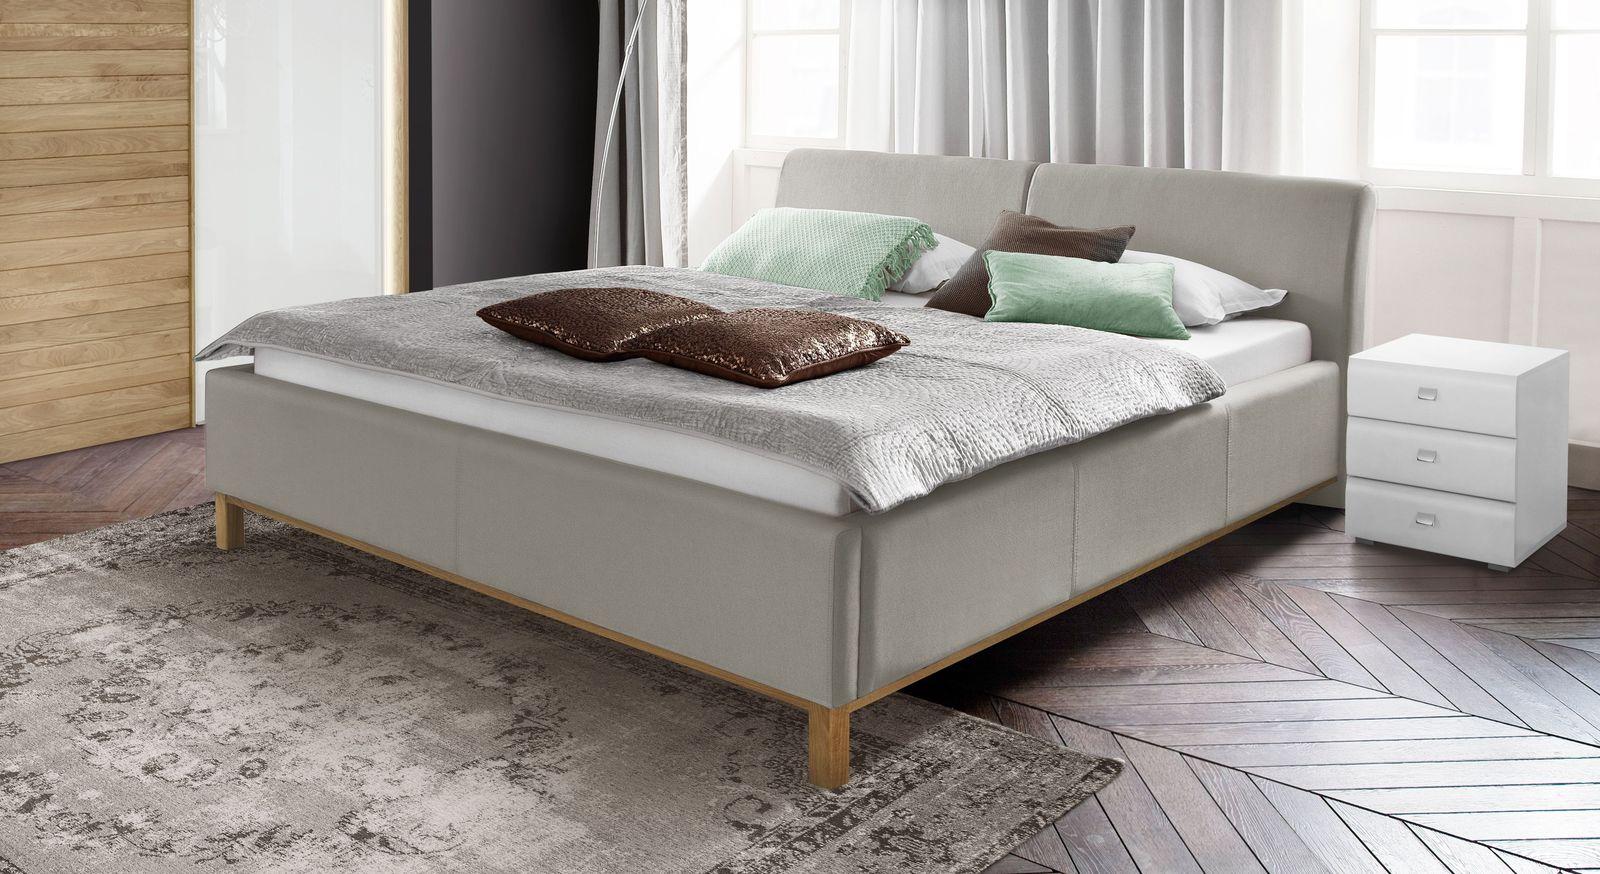 Bett Sulivan mit stabilen Eichenfüßen